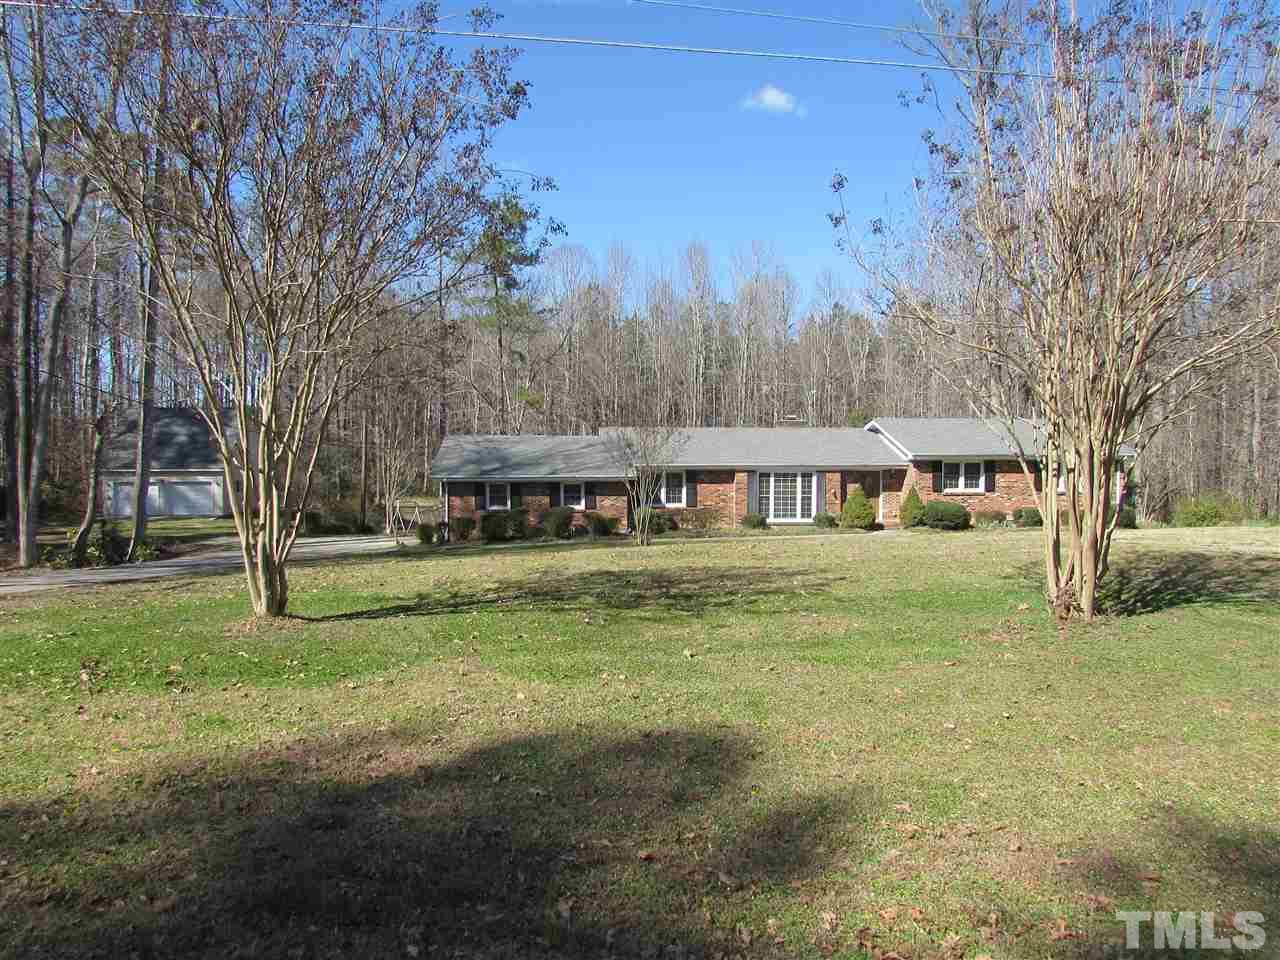 125 Rex Place, Louisburg, NC 27549